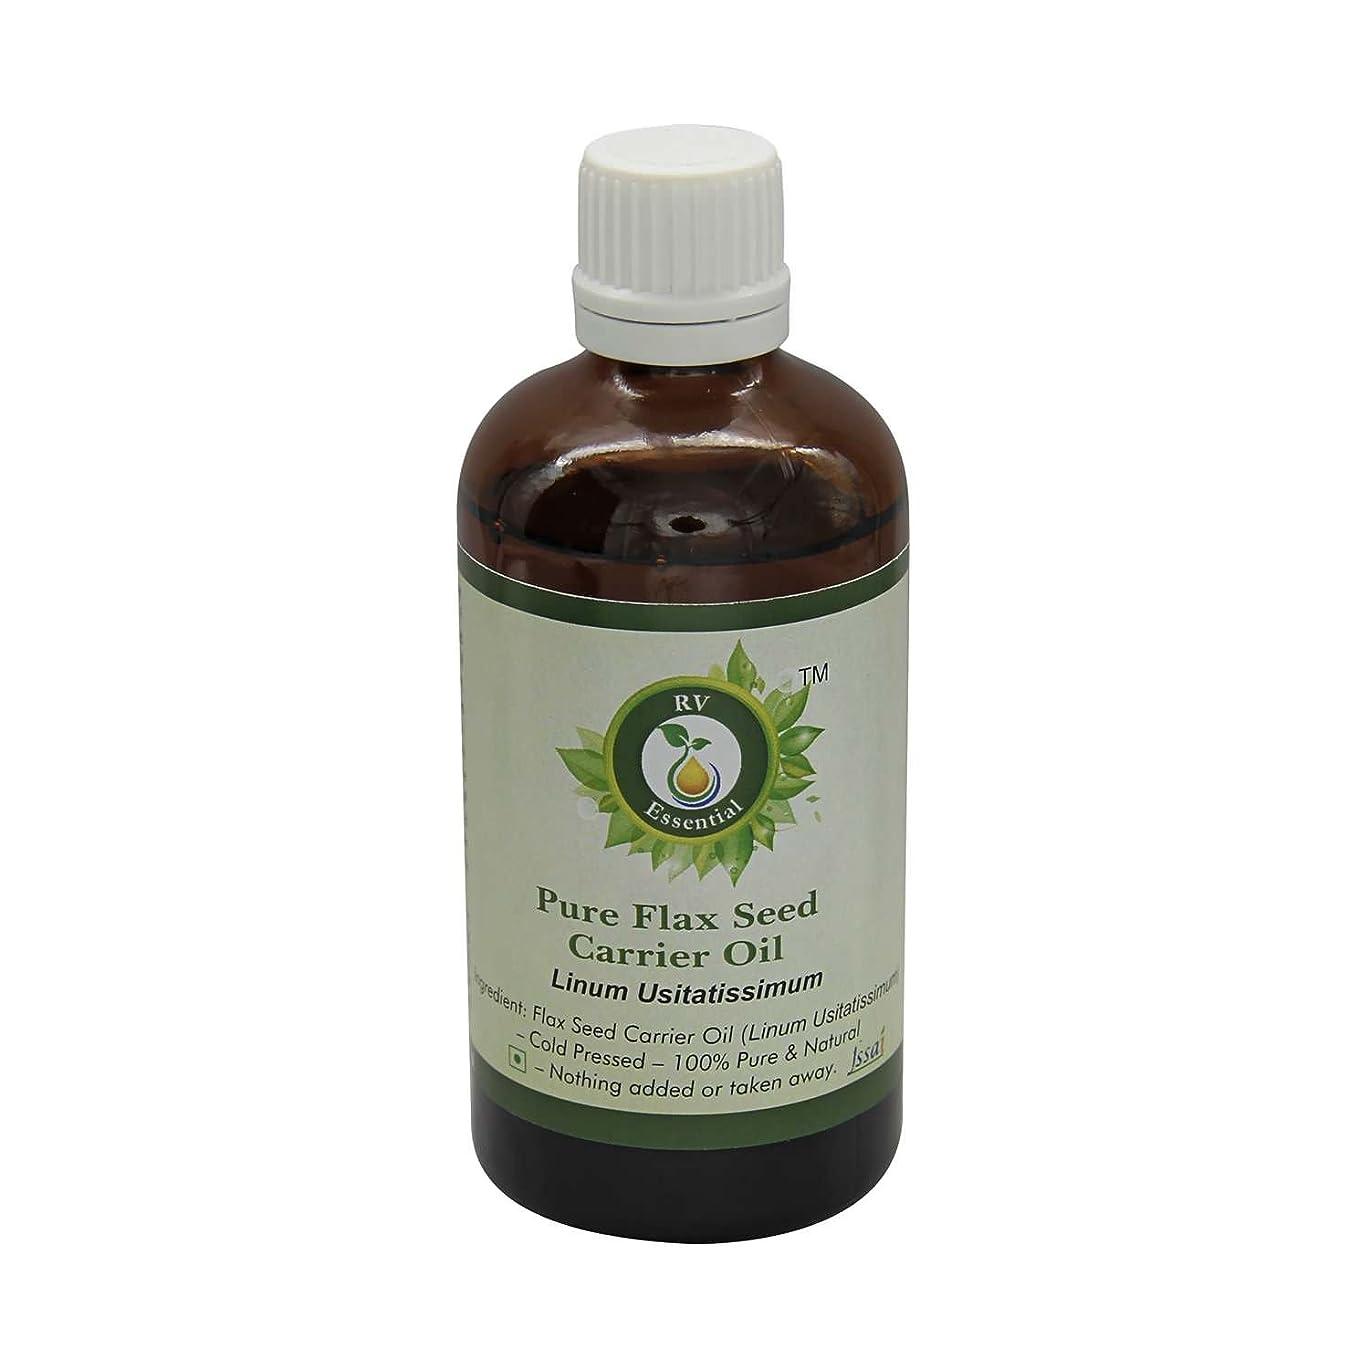 フェミニン物理的に酸っぱいR V Essential 純粋な亜麻シードキャリアオイル50ml (1.69oz)- Linum Usitatissimum (100%ピュア&ナチュラルコールドPressed) Pure Flax Seed Carrier Oil